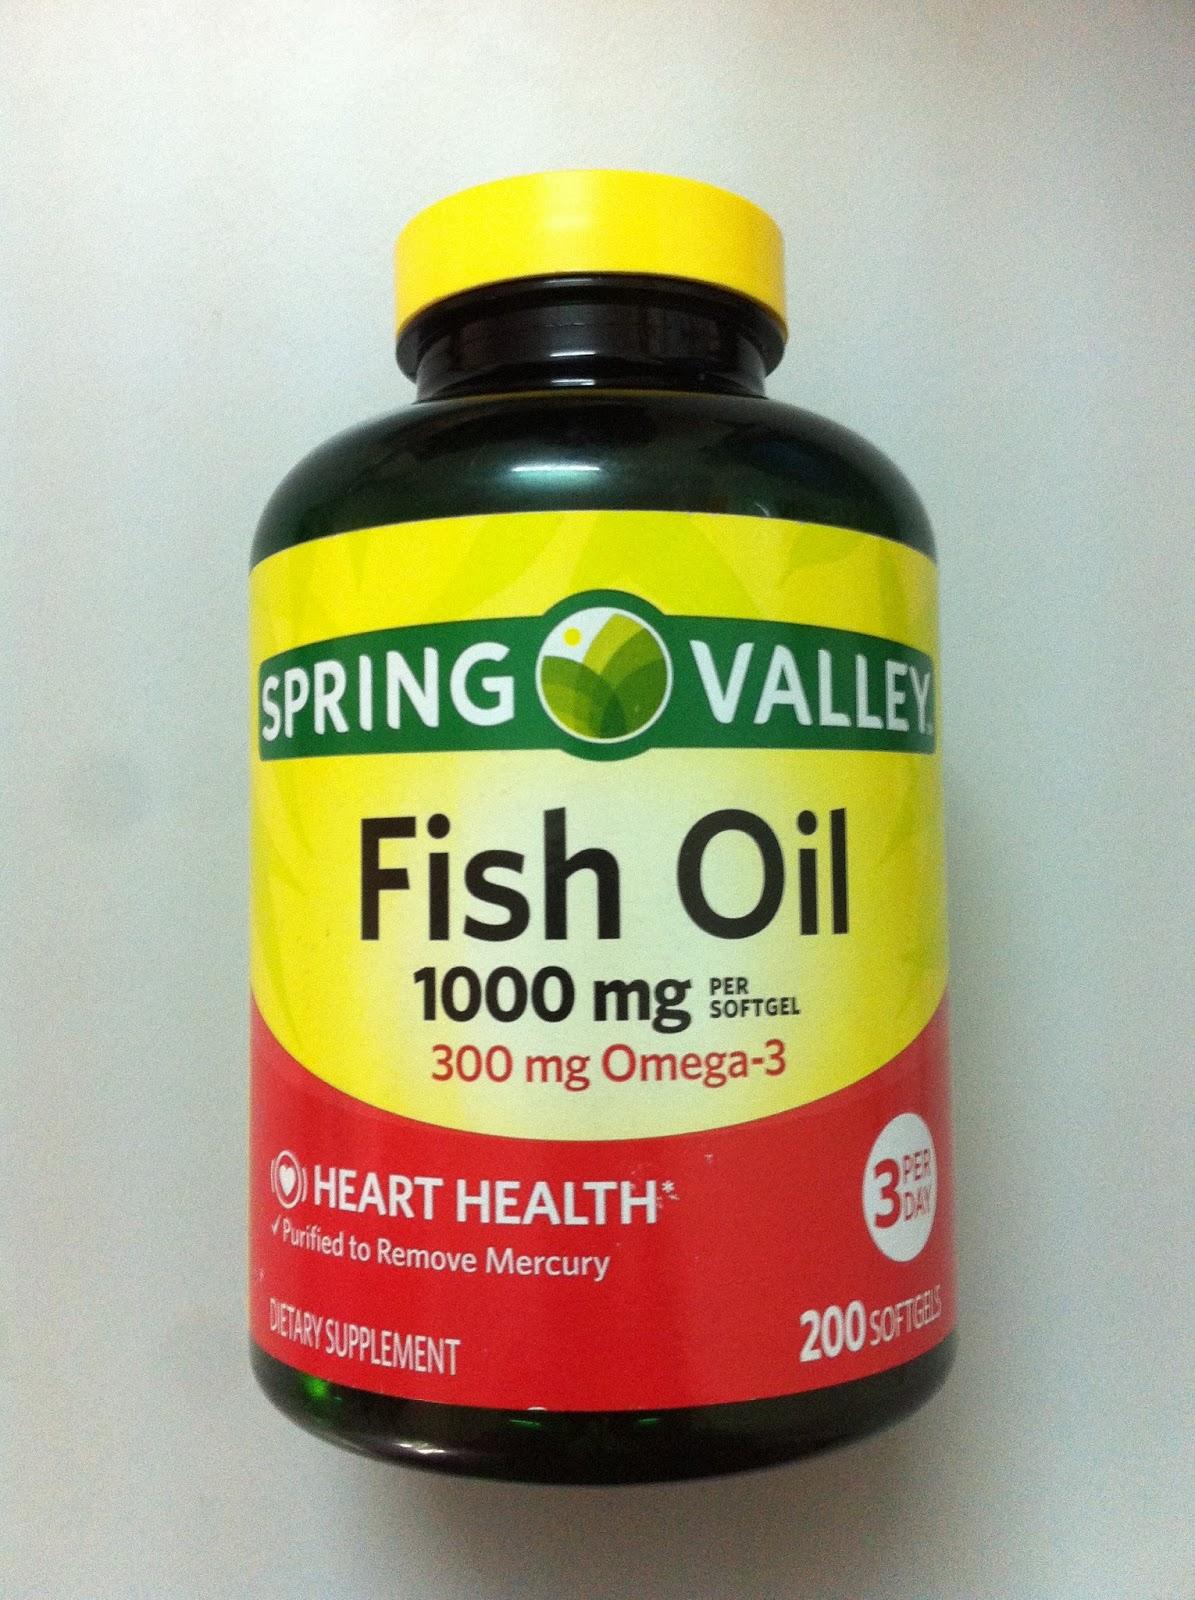 D U C H I Fish Oil Omega 3 N T Spring Valley M